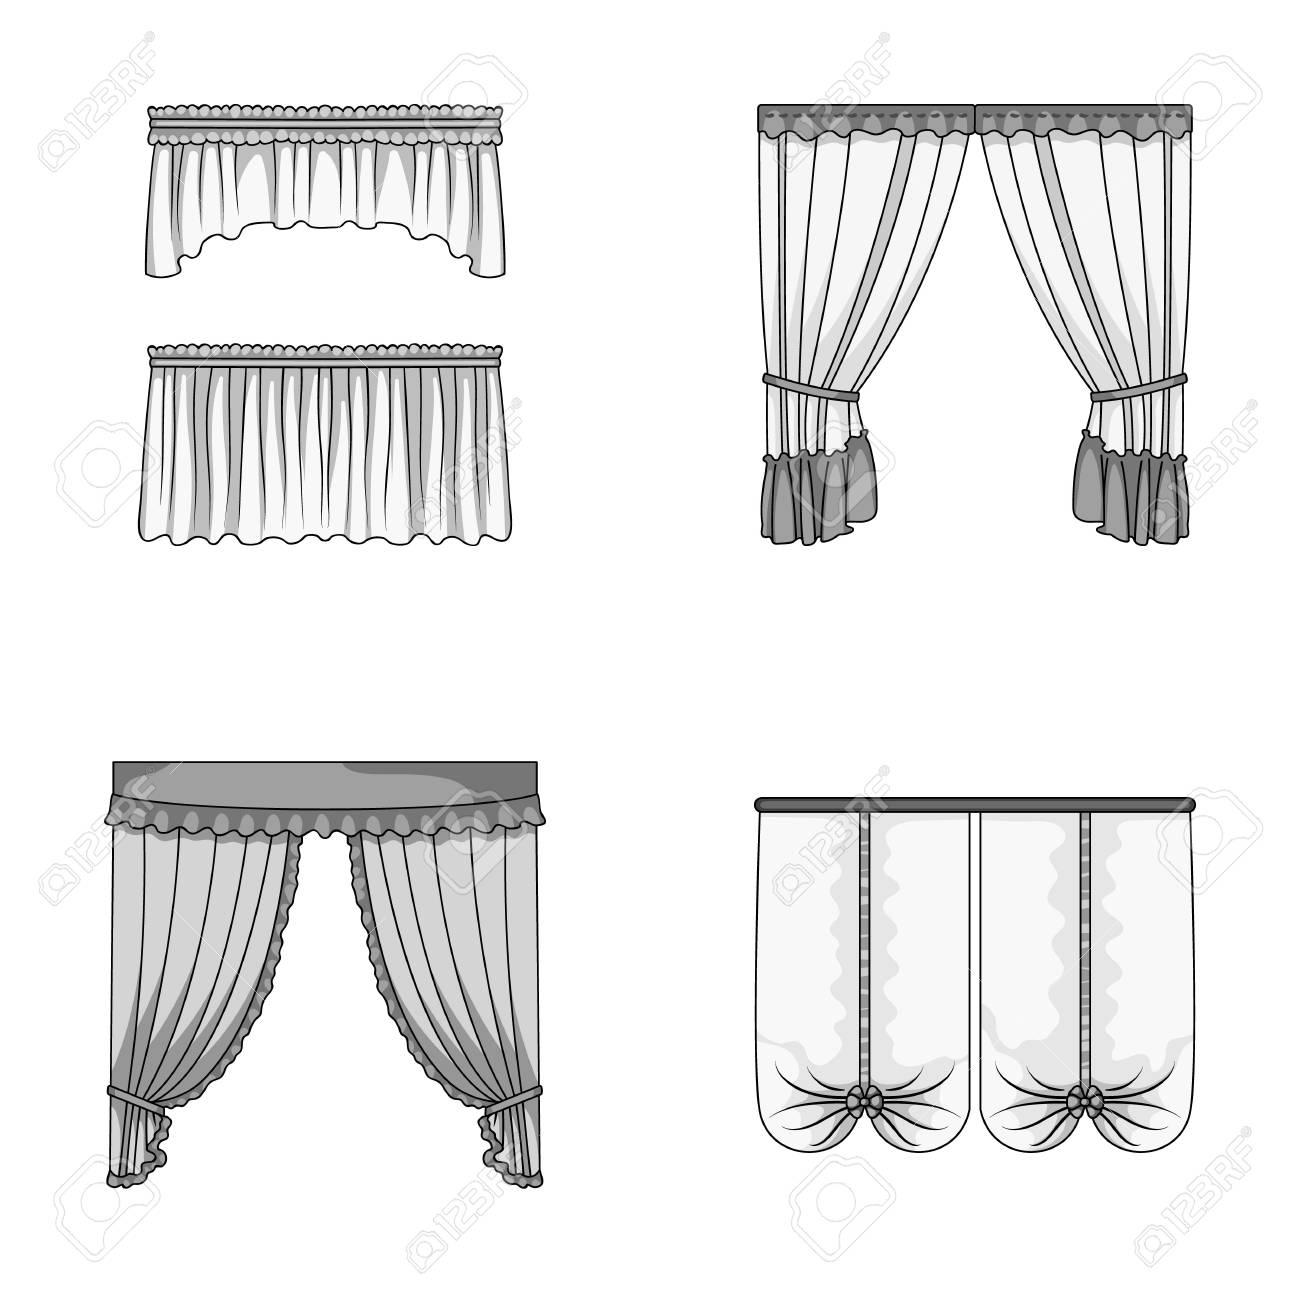 differents types de rideaux de fenetre rideaux ensemble icones de la collection dans le style monochrome vecteur symbole stock illustration web